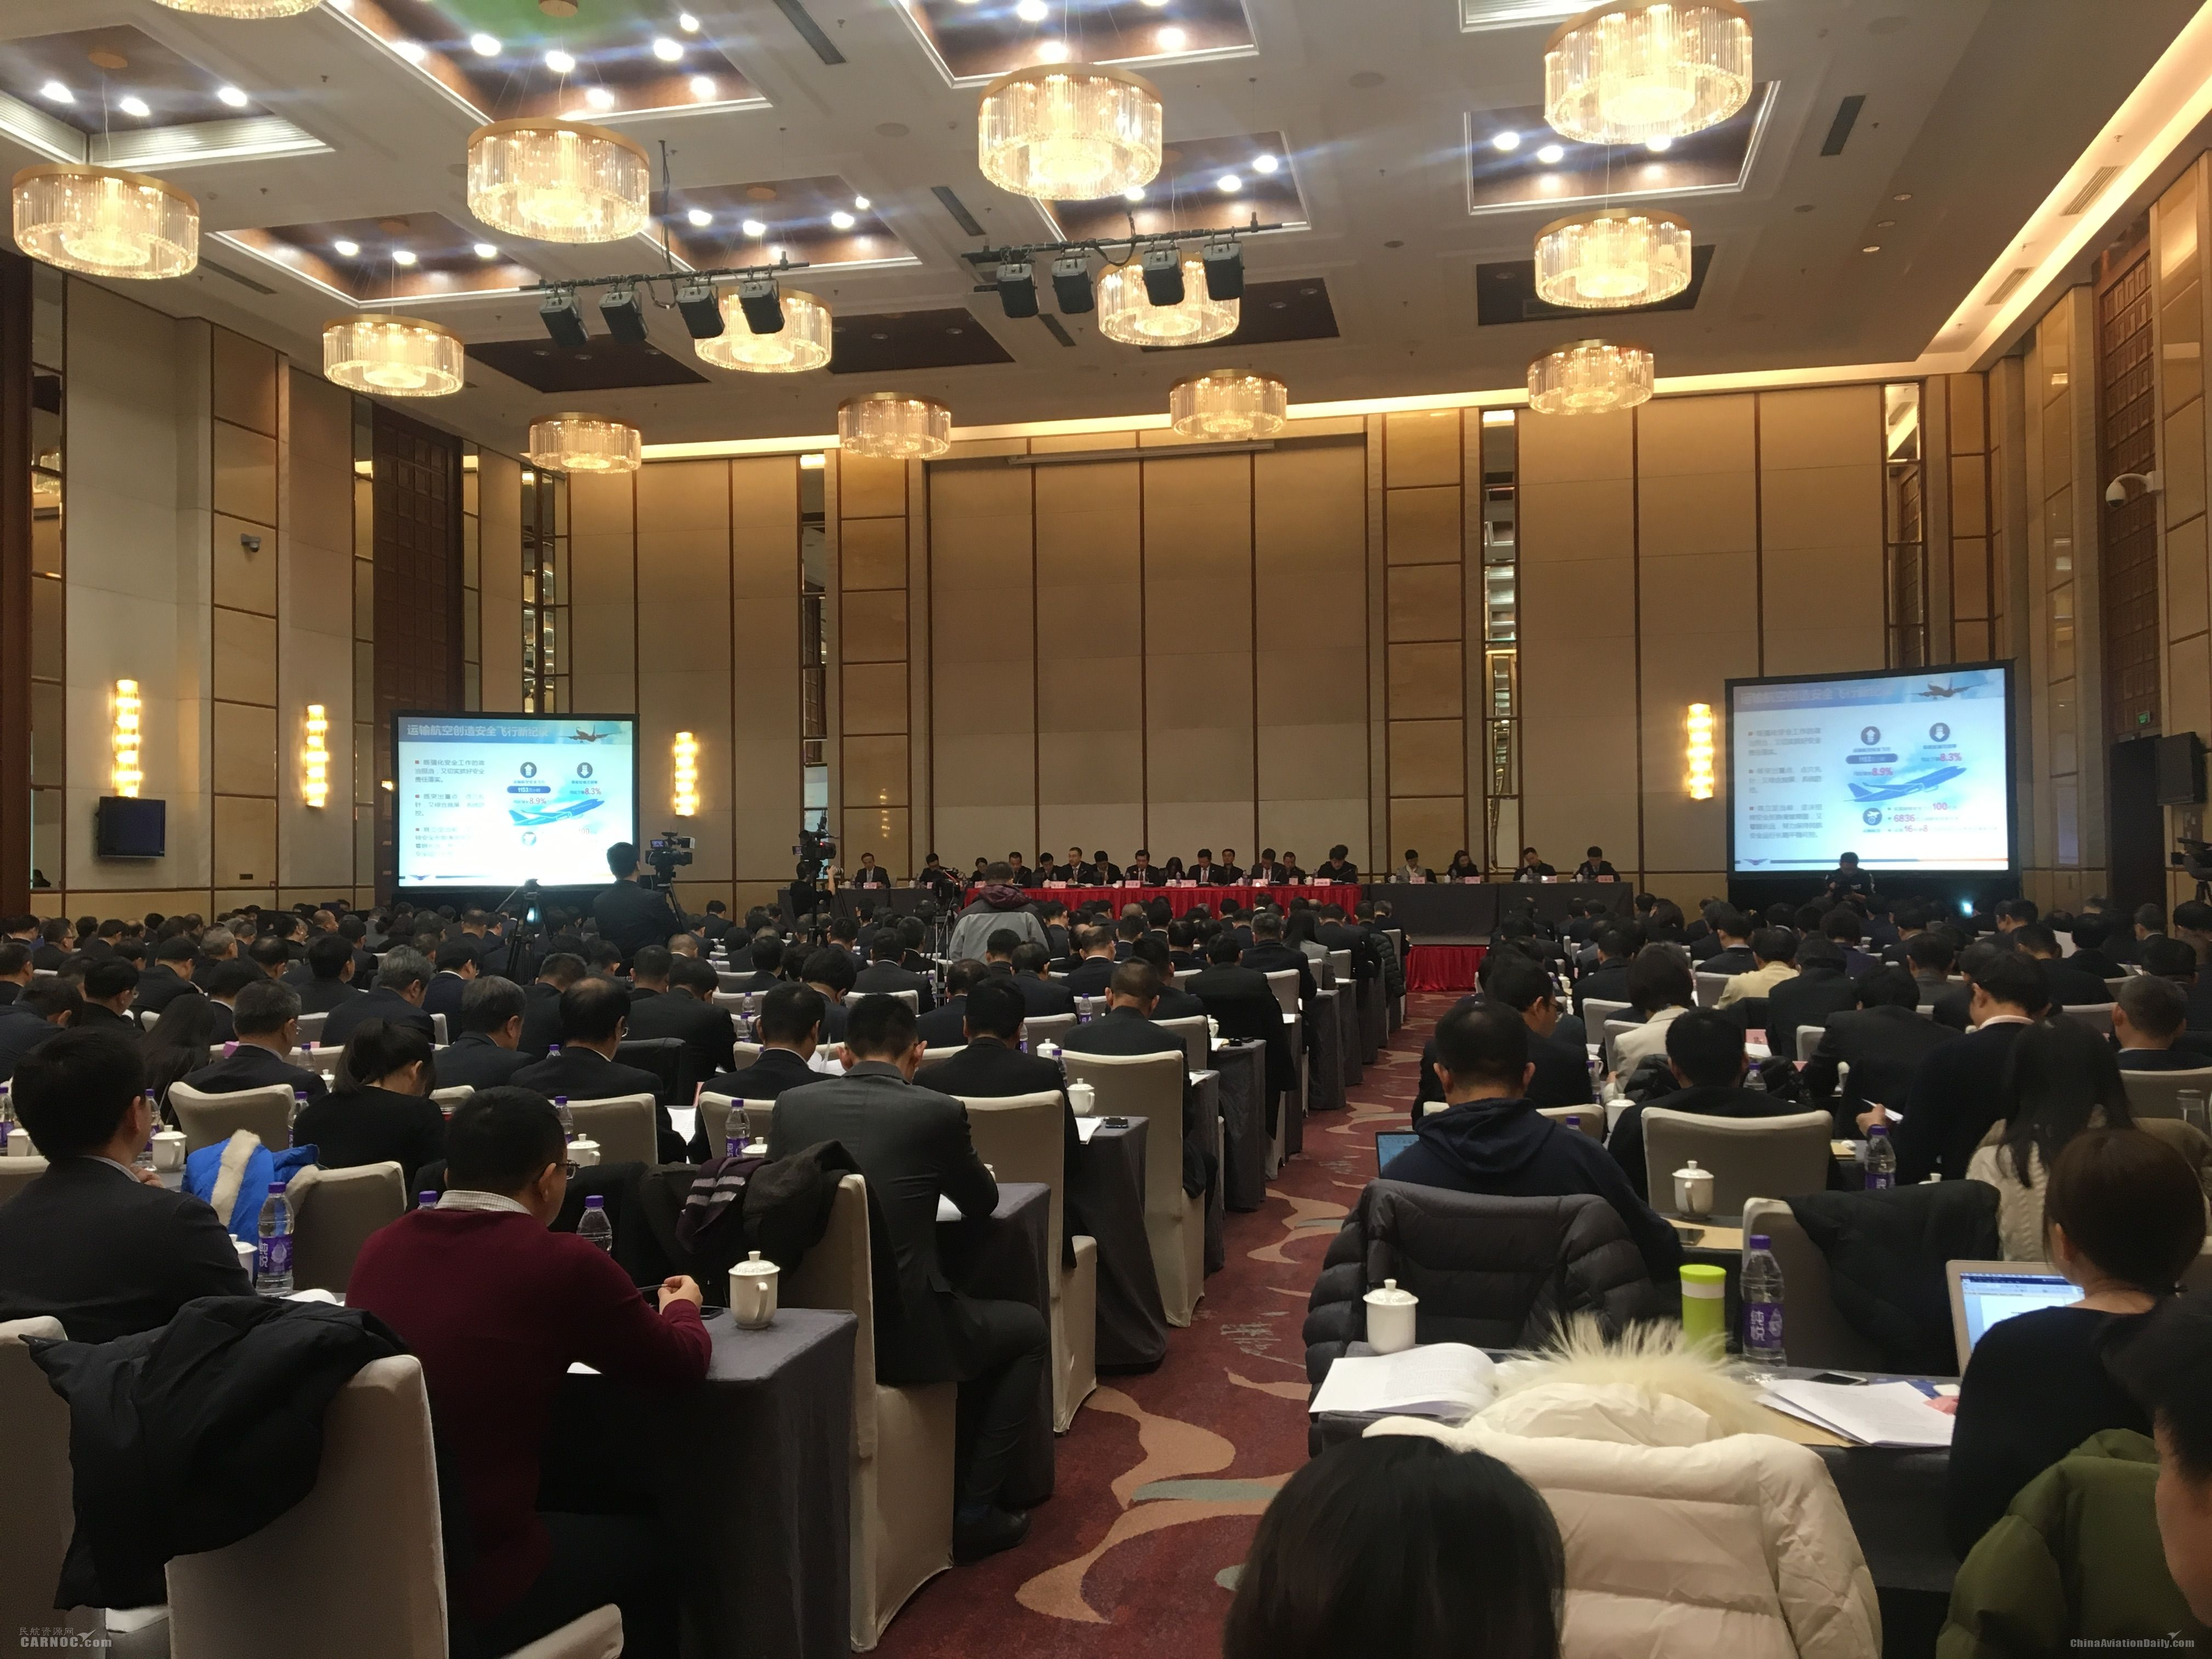 北京大兴国际美高梅手机版登录4858将于6.30全面竣工,9.30开航